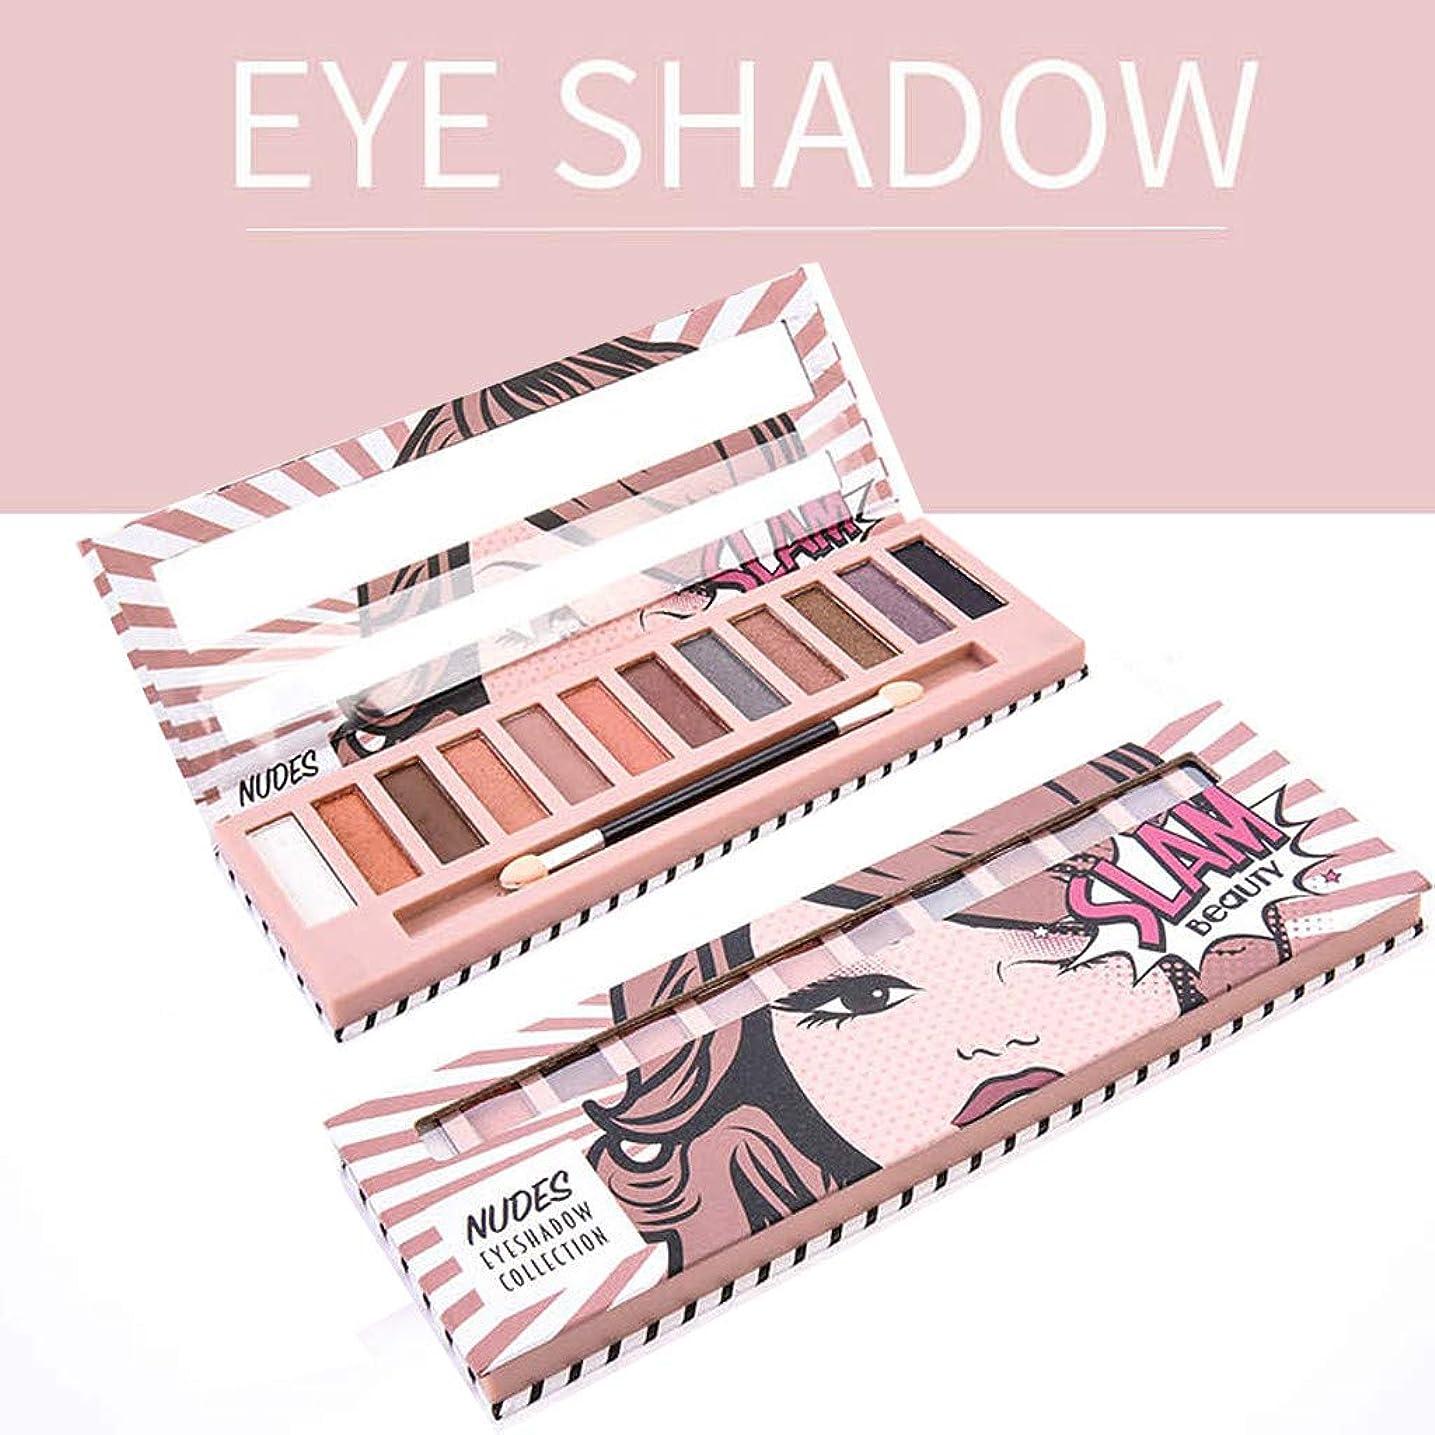 アンケート洗練時代Akane アイシャドウパレット NUDES Slam Beauty 綺麗 マット 可愛い ファッション おしゃれ 人気 長持ち 持ち便利 Eye Shadow (12色)